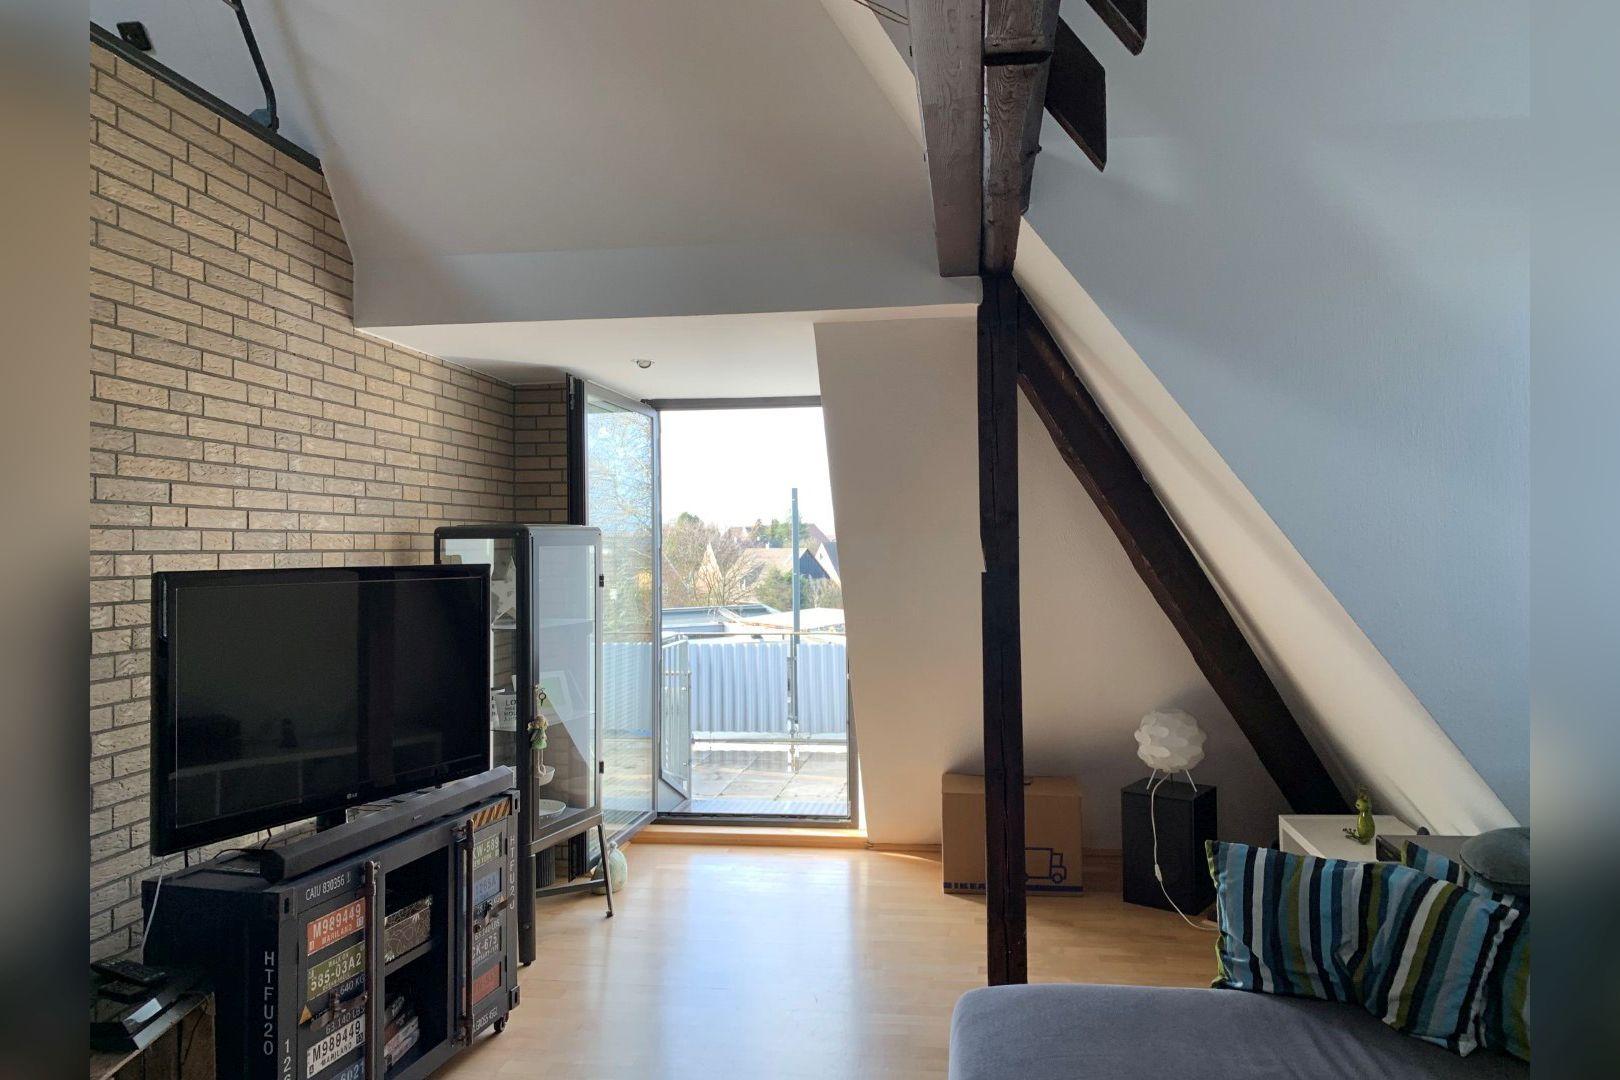 Immobilie Nr.0251 - Maisonette-Wohnung mit Galerie und großer Dachterrasse  - Bild 5.jpg